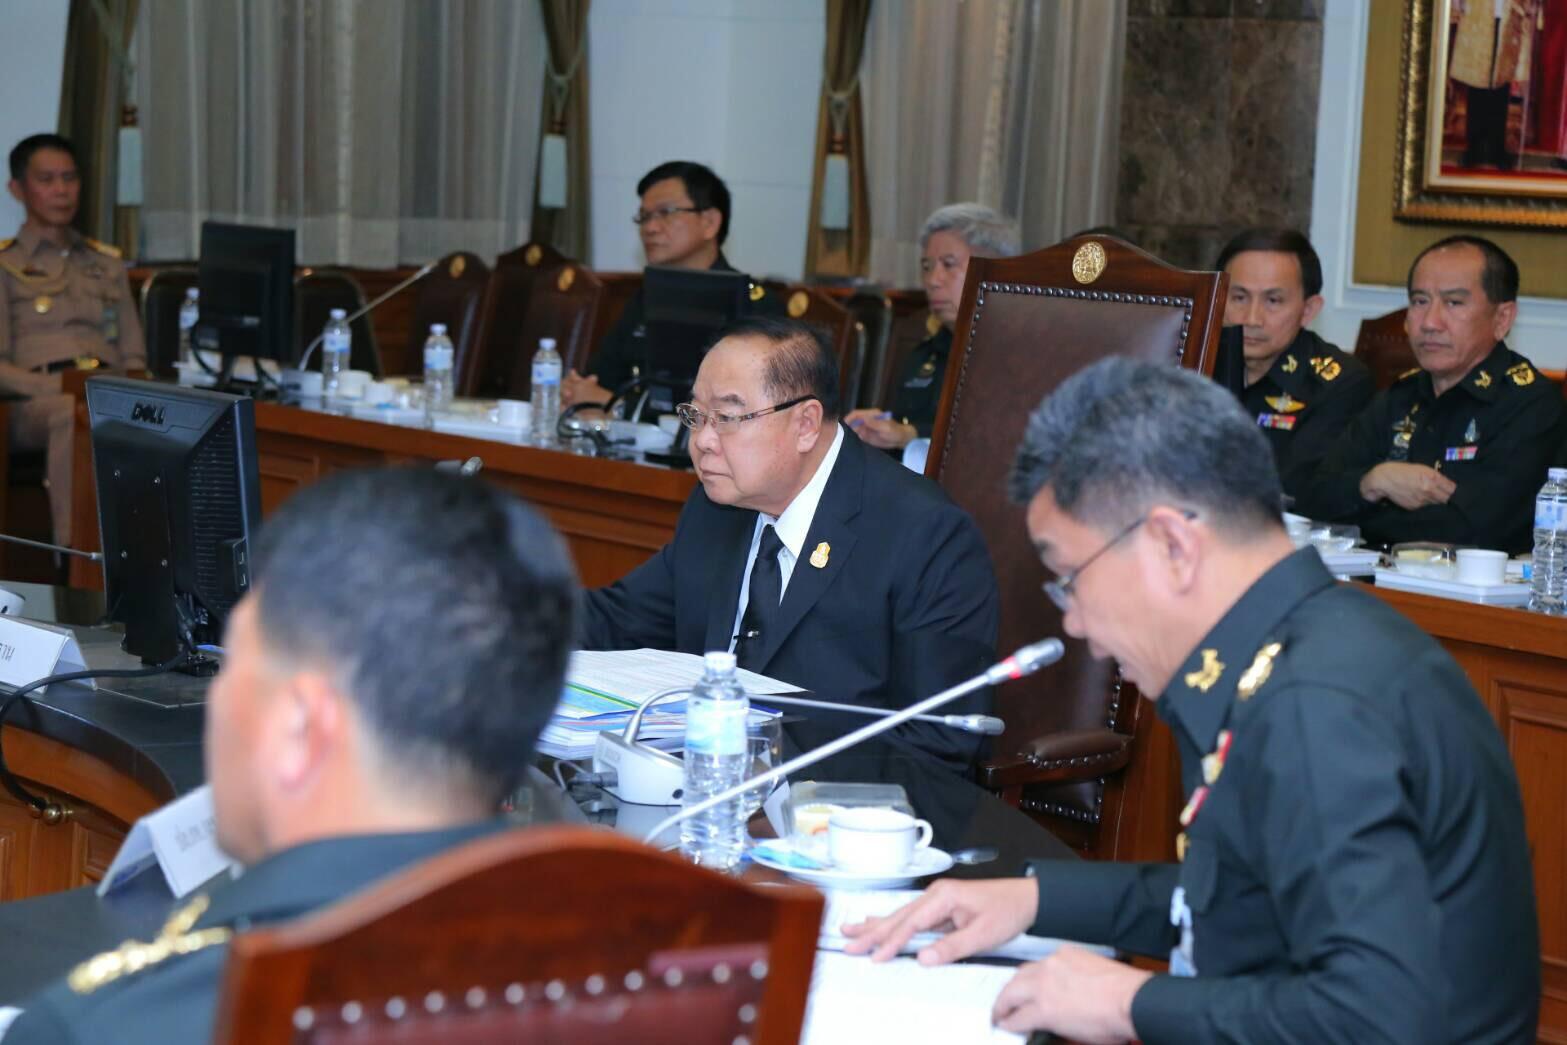 พลเอก ประวิตร วงษ์สุวรรณ รองนายกรัฐมนตรี/รัฐมนตรีว่าการกระทรวงกลาโหม เป็นประธานการประชุมคณะกรรมการเตรียมการเพื่อสร้างความสามัคคีปรองดอง